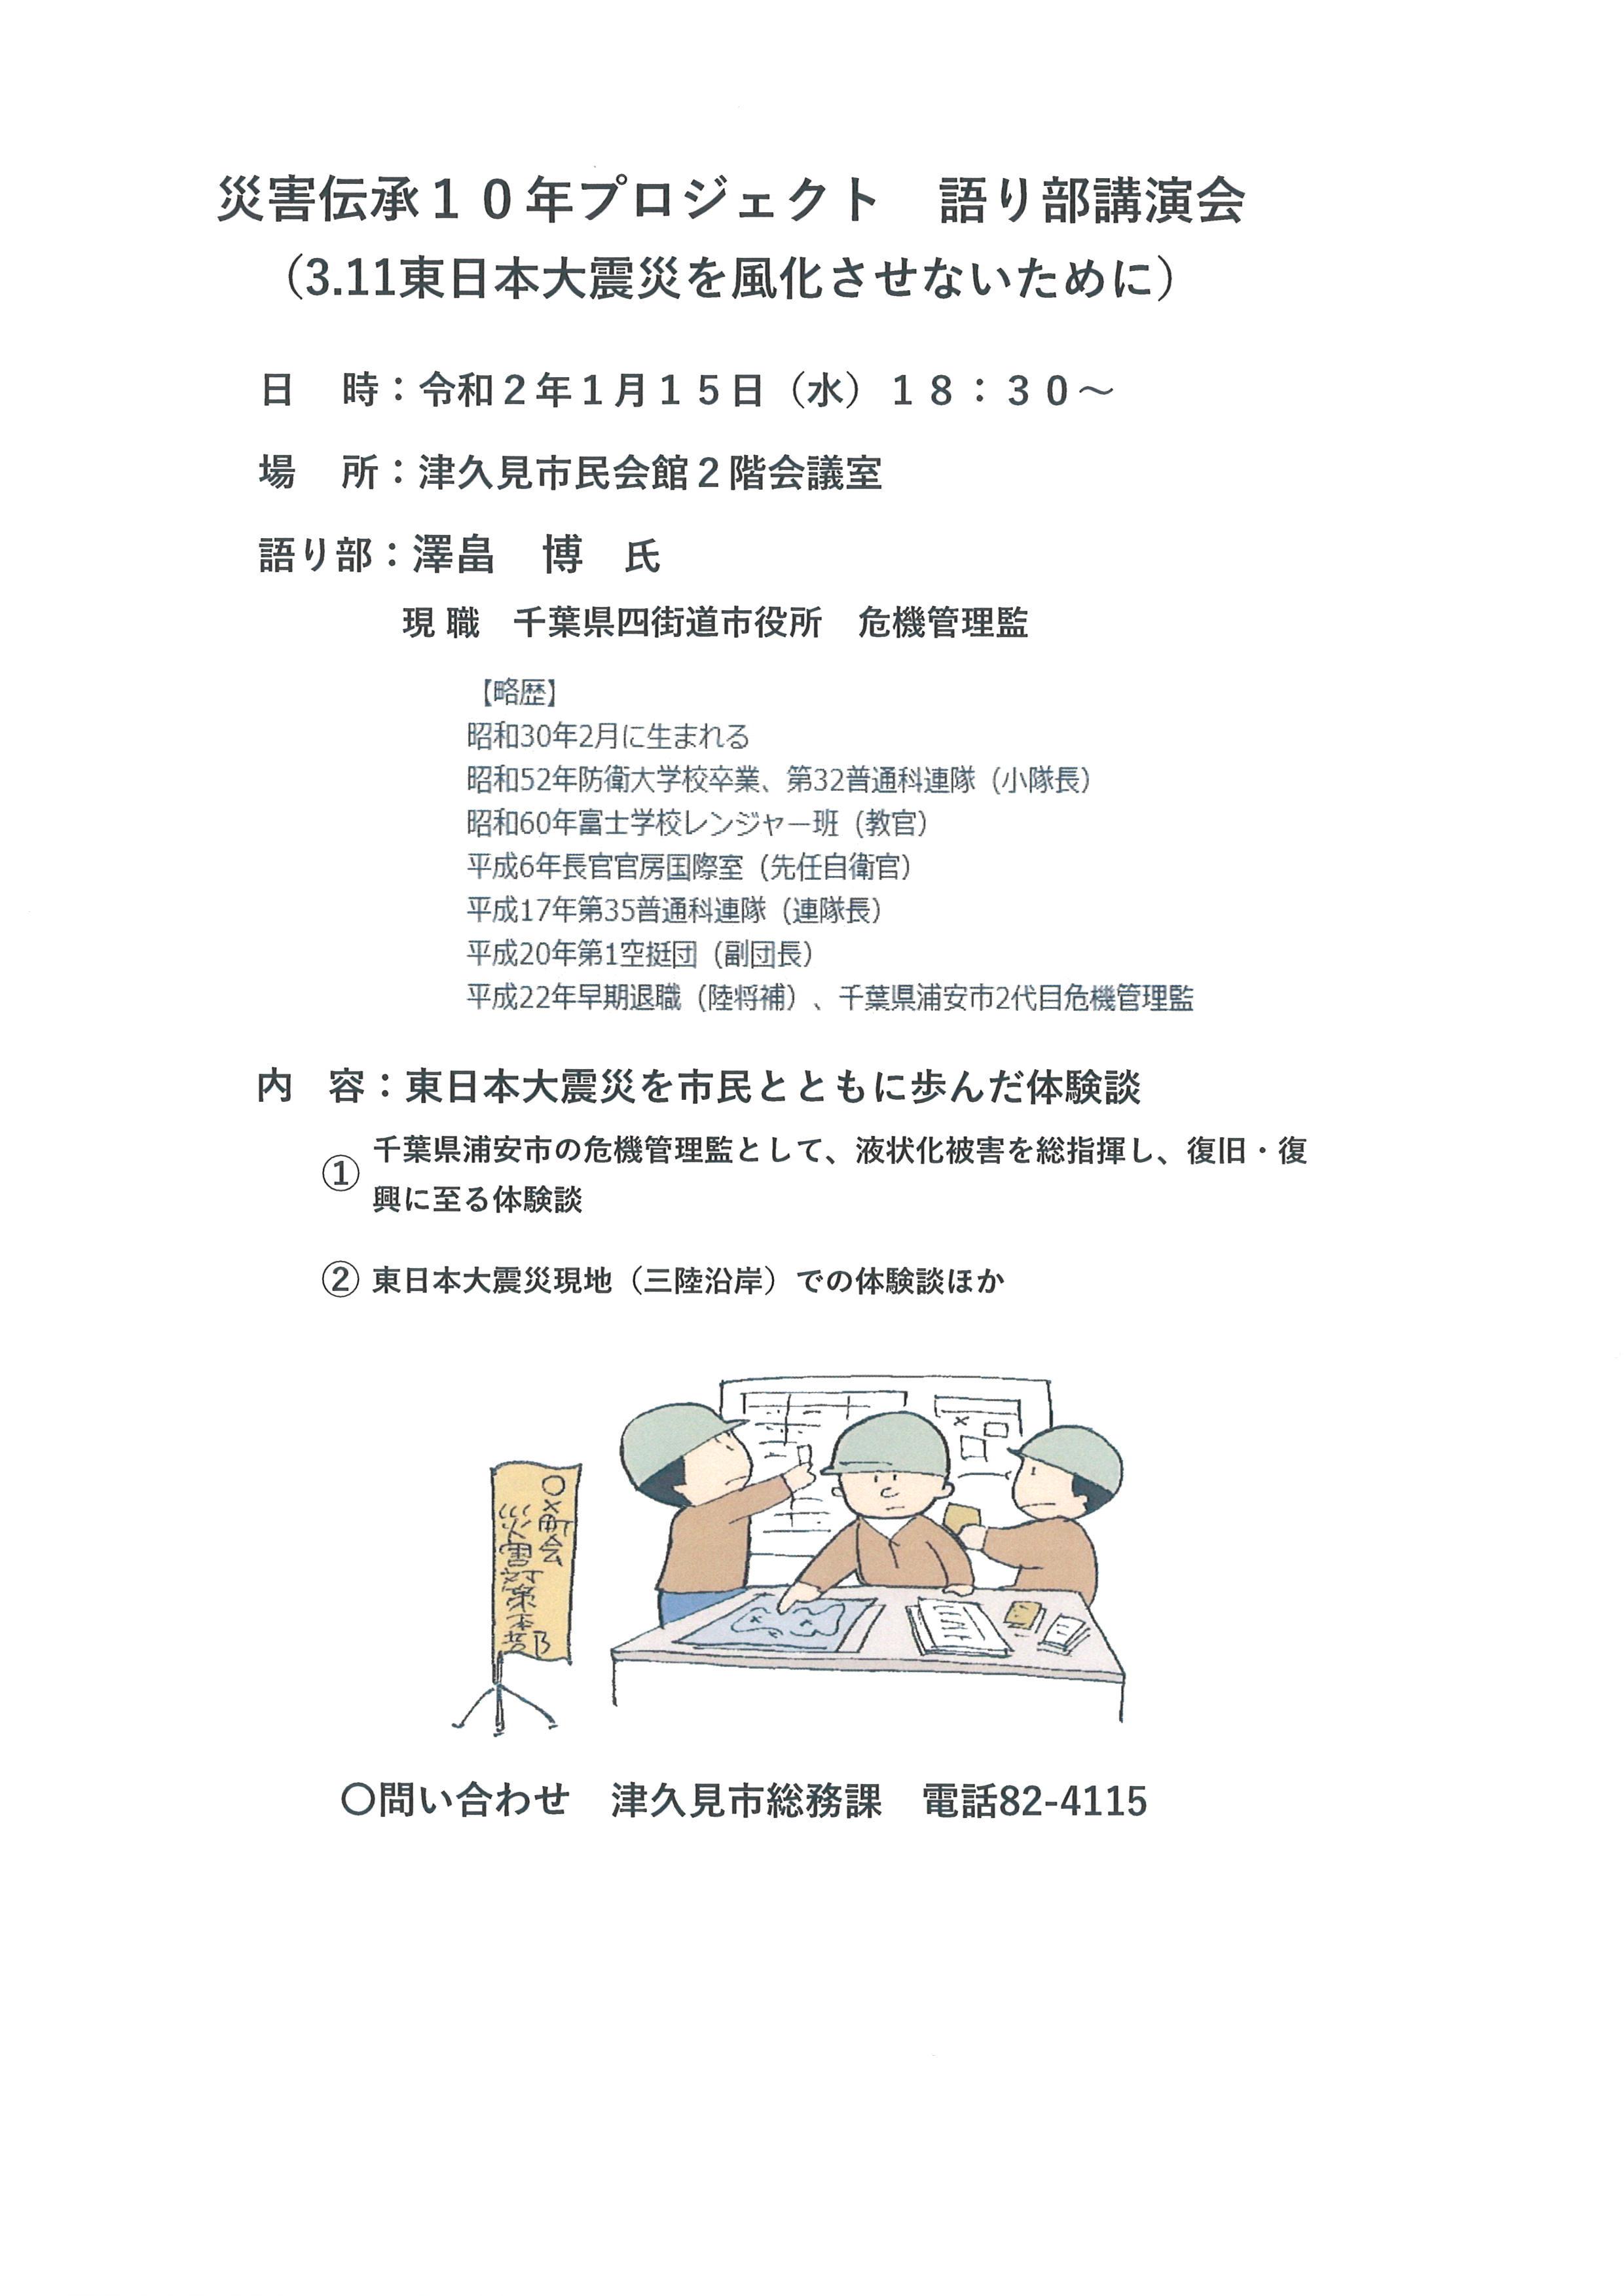 これからの手話通訳・要約筆記つき行事_d0070316_16140728.jpg